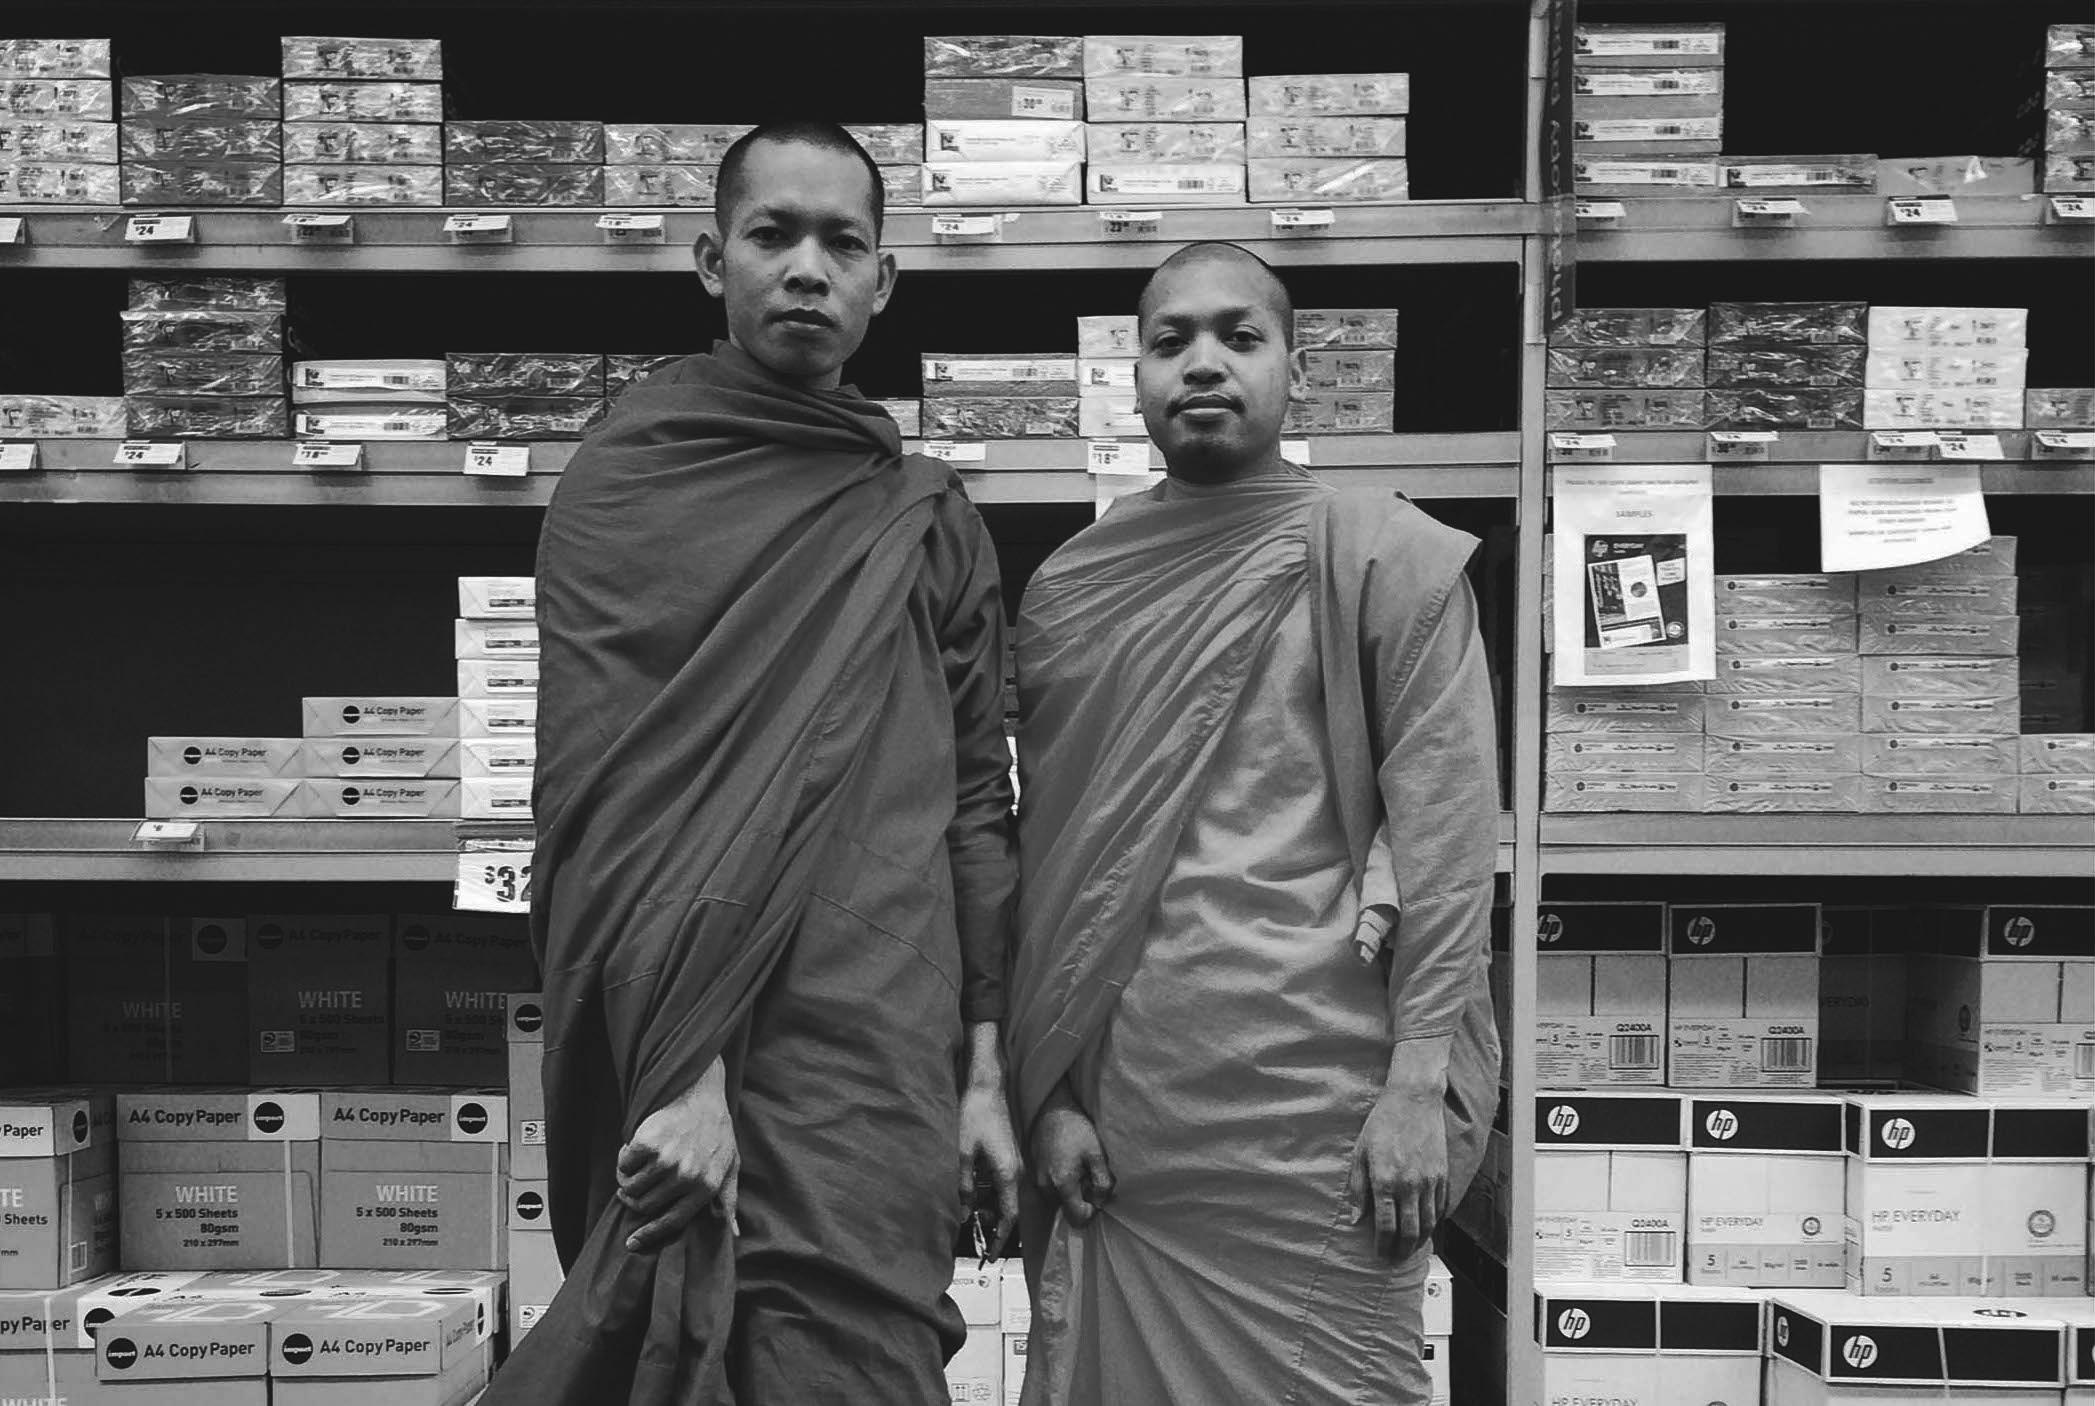 Photo credit: Bora Um & Sovy Loem by Vinesh Kumaran